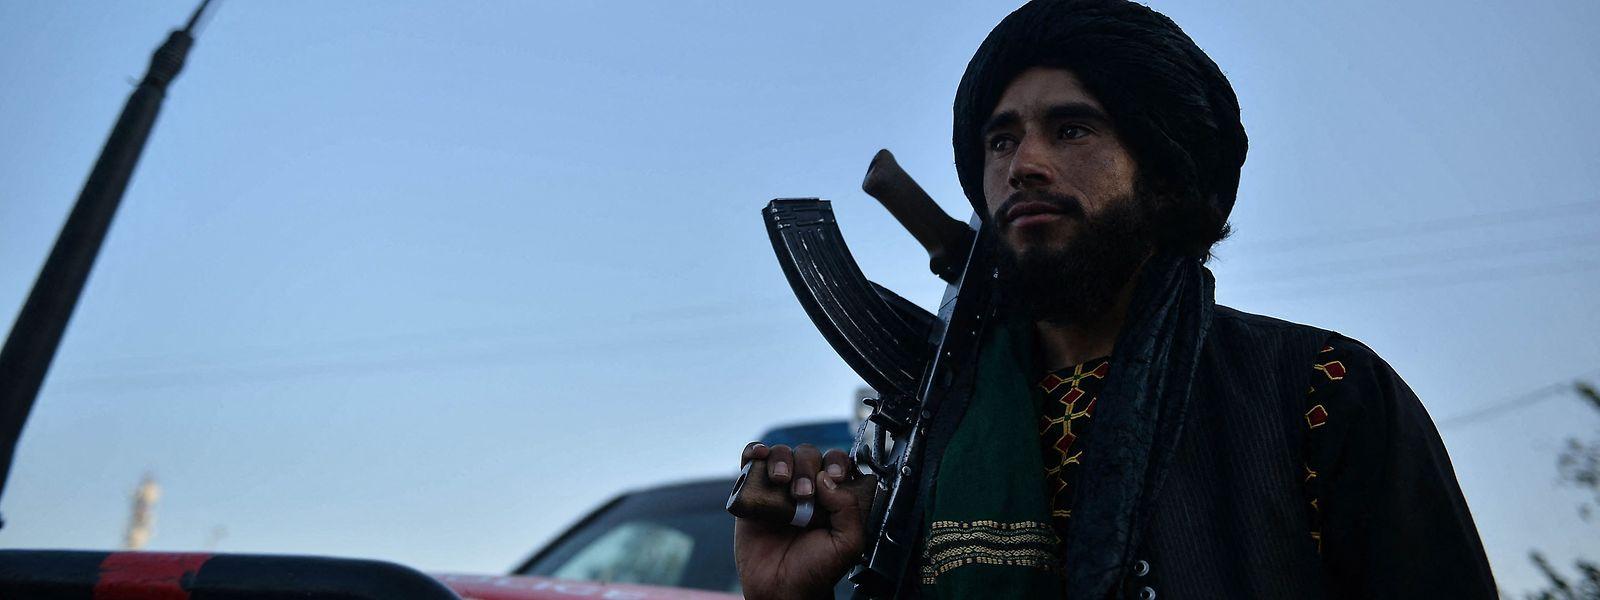 Seit ihrer Machtübernahme im August verbreiten die Taliban Angst und Schrecken. Am Samstag hängten die Taliban in der Stadt Herat die Leichen von vier Männern öffentlich auf.